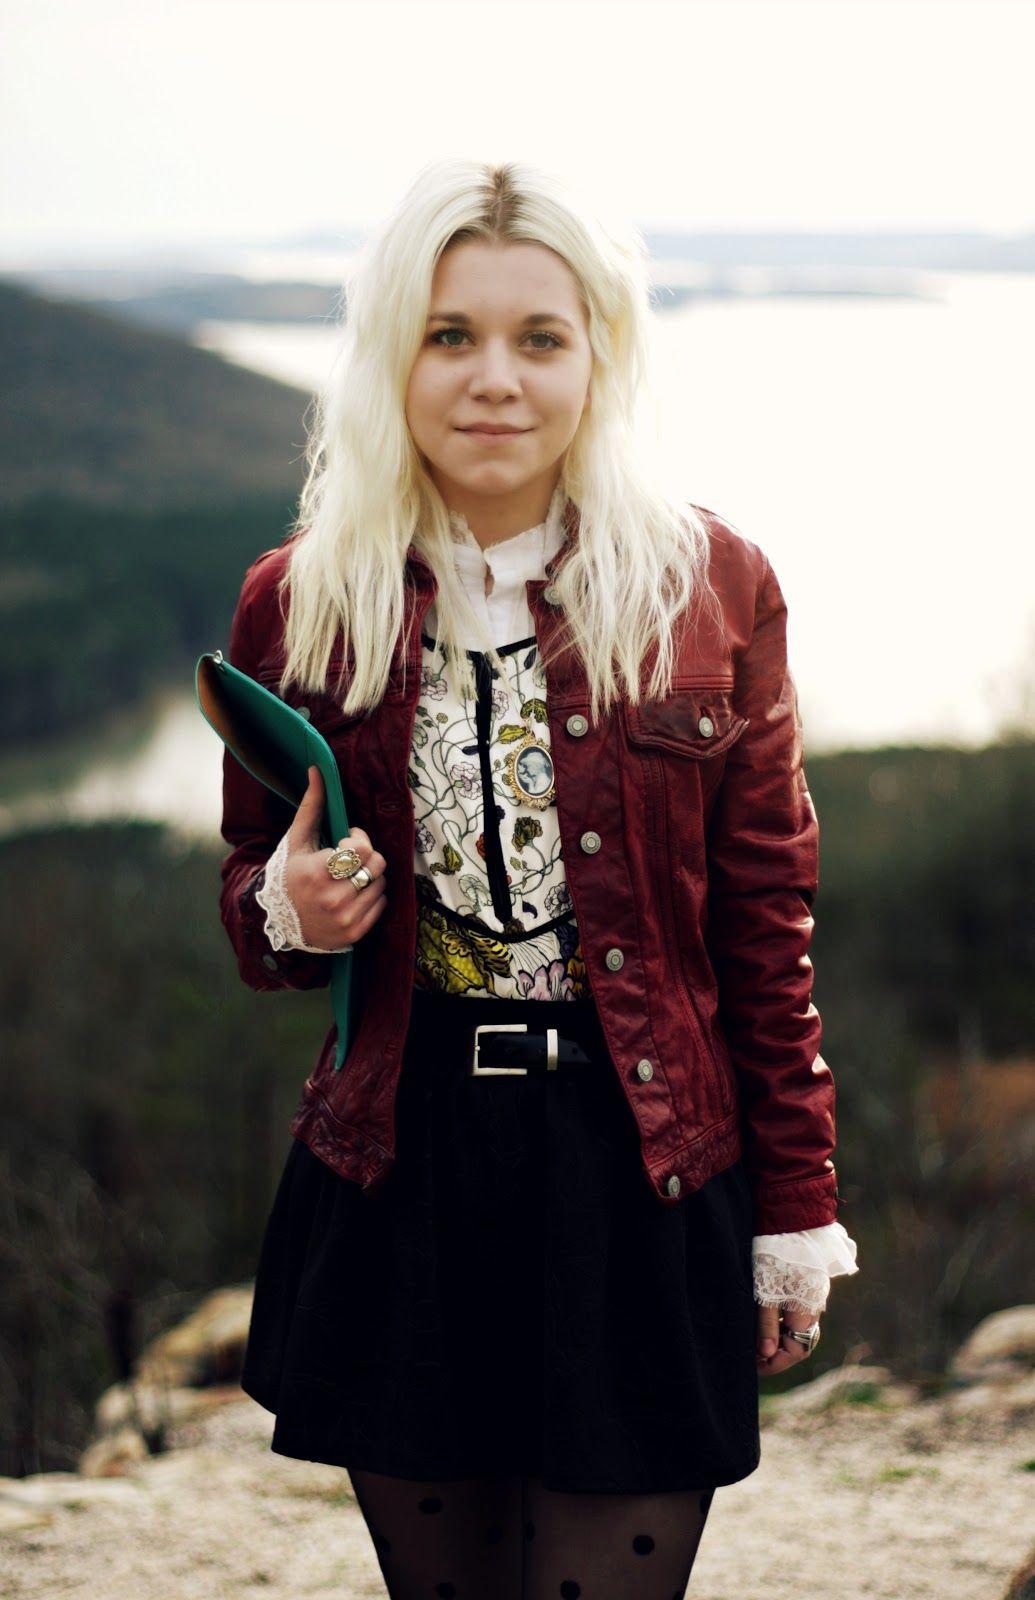 http://stylesbyhannahriles.blogspot.com.br/